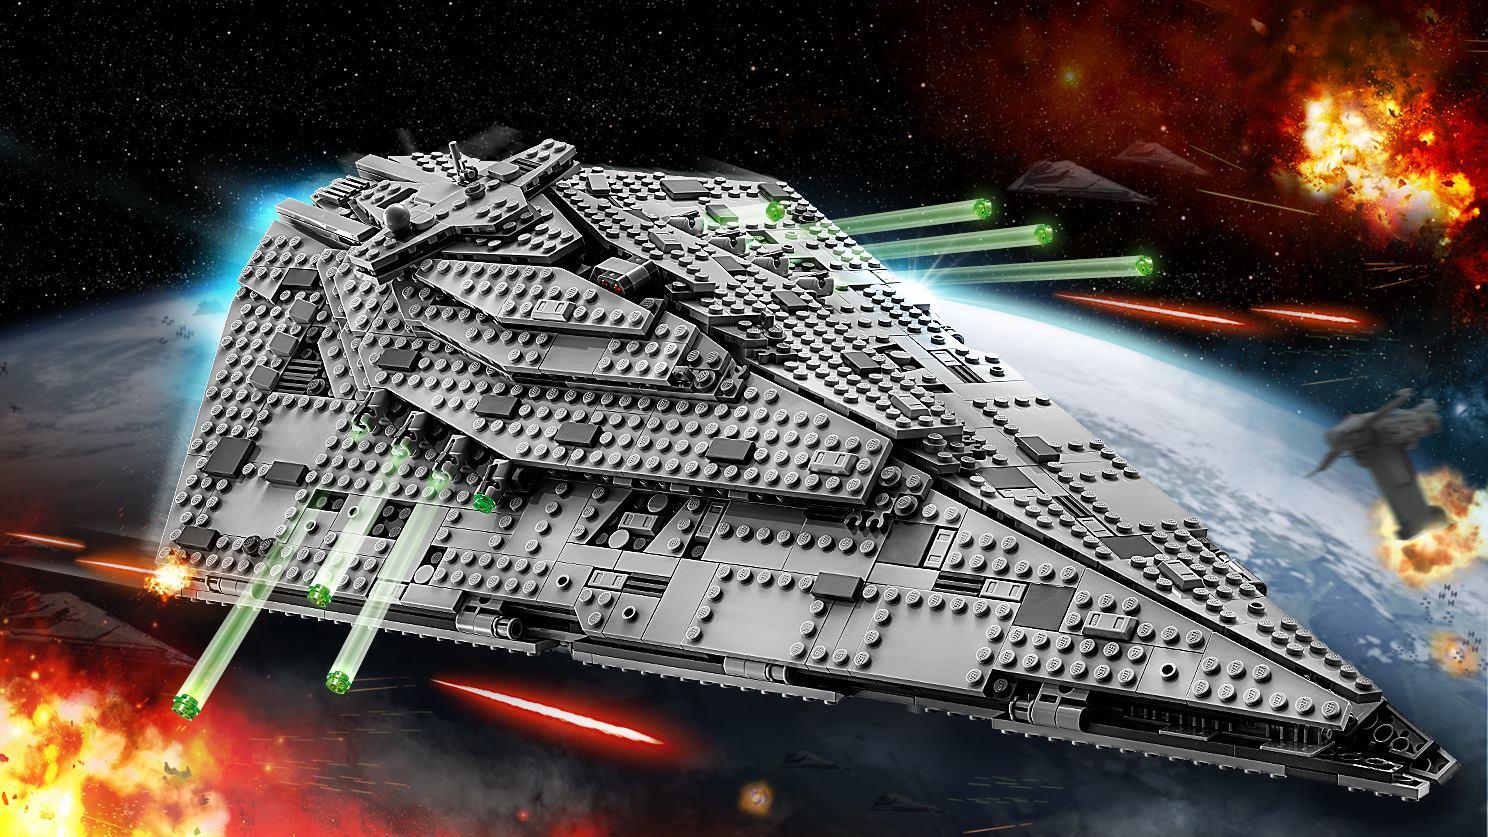 10% Rabatt auf LEGO Star Wars-Sets bei Galeria Kaufhof